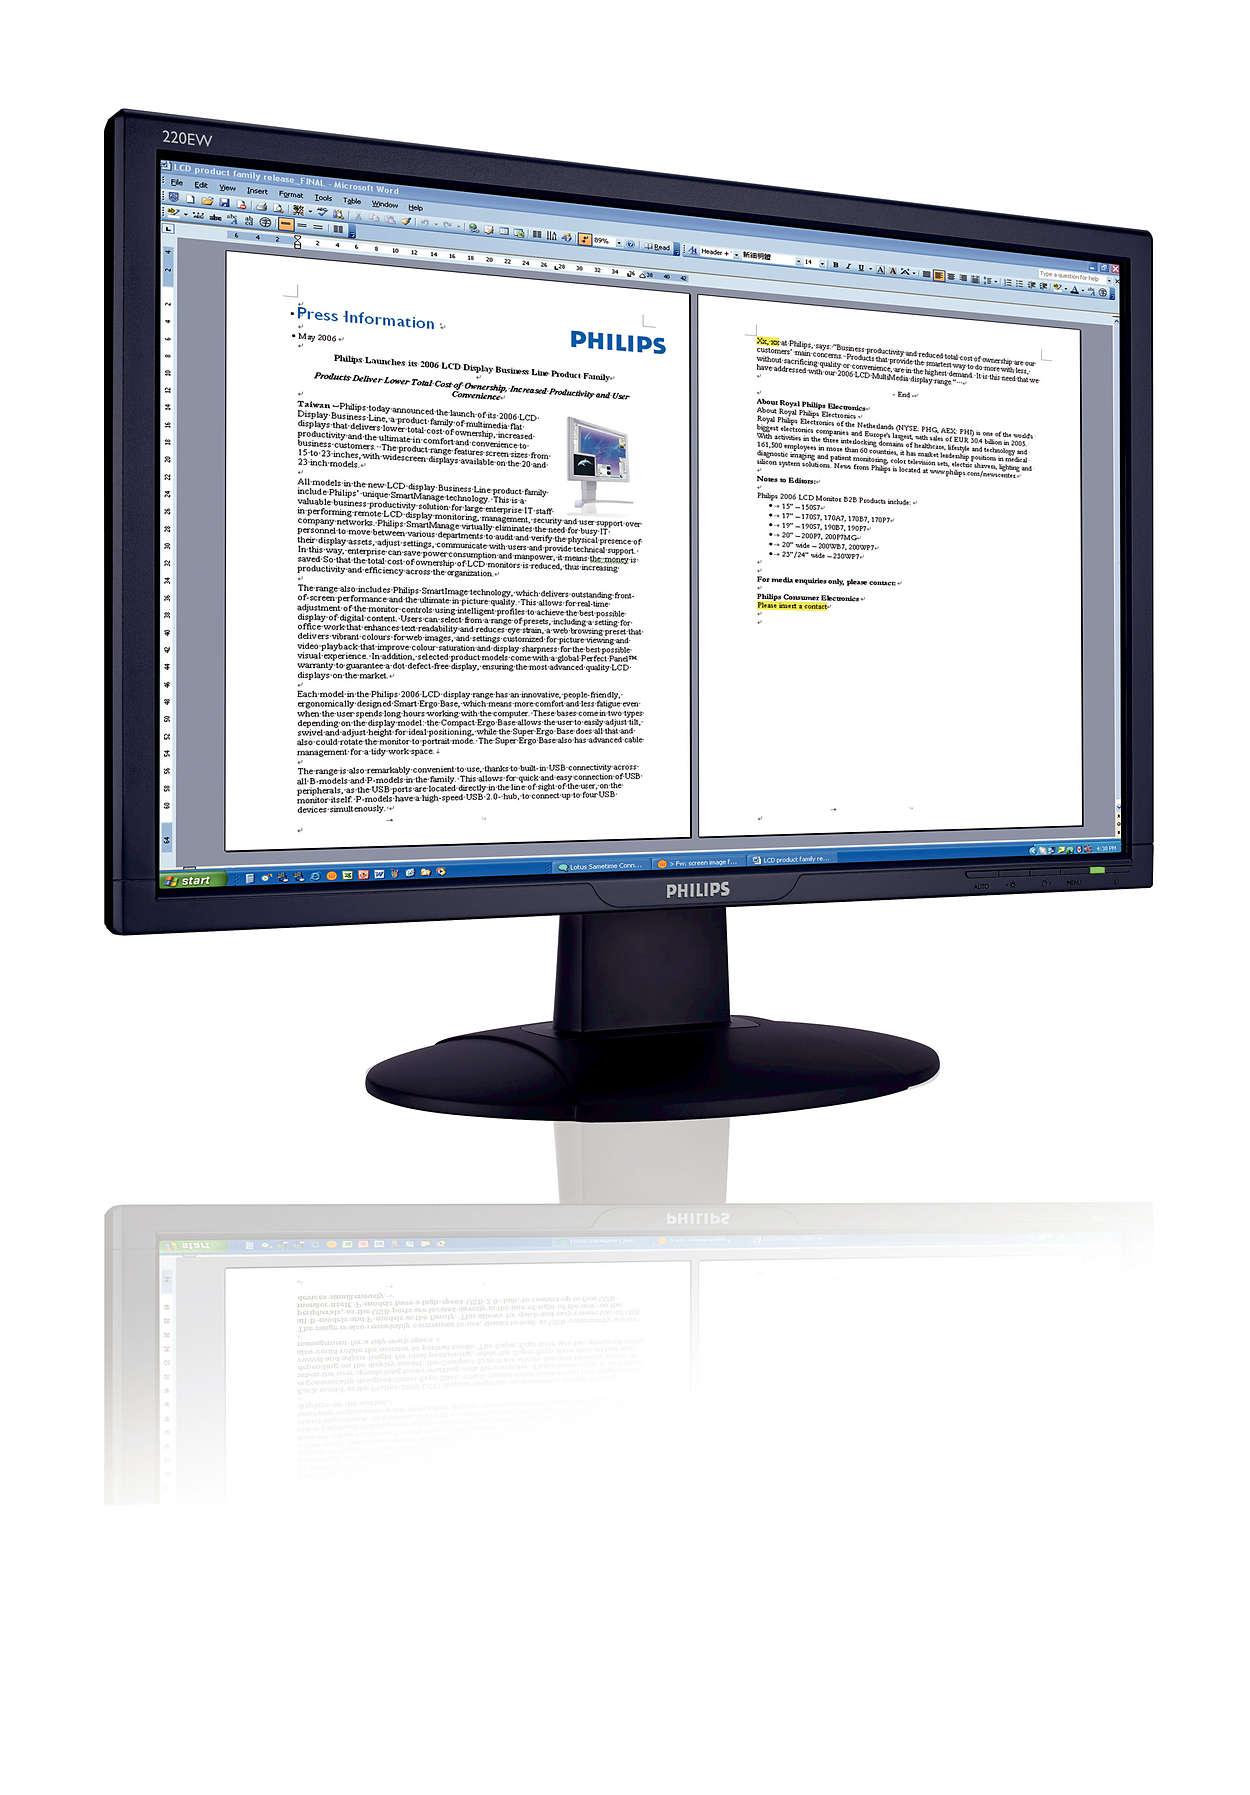 完美寬螢幕,呈現最佳成本效能價值